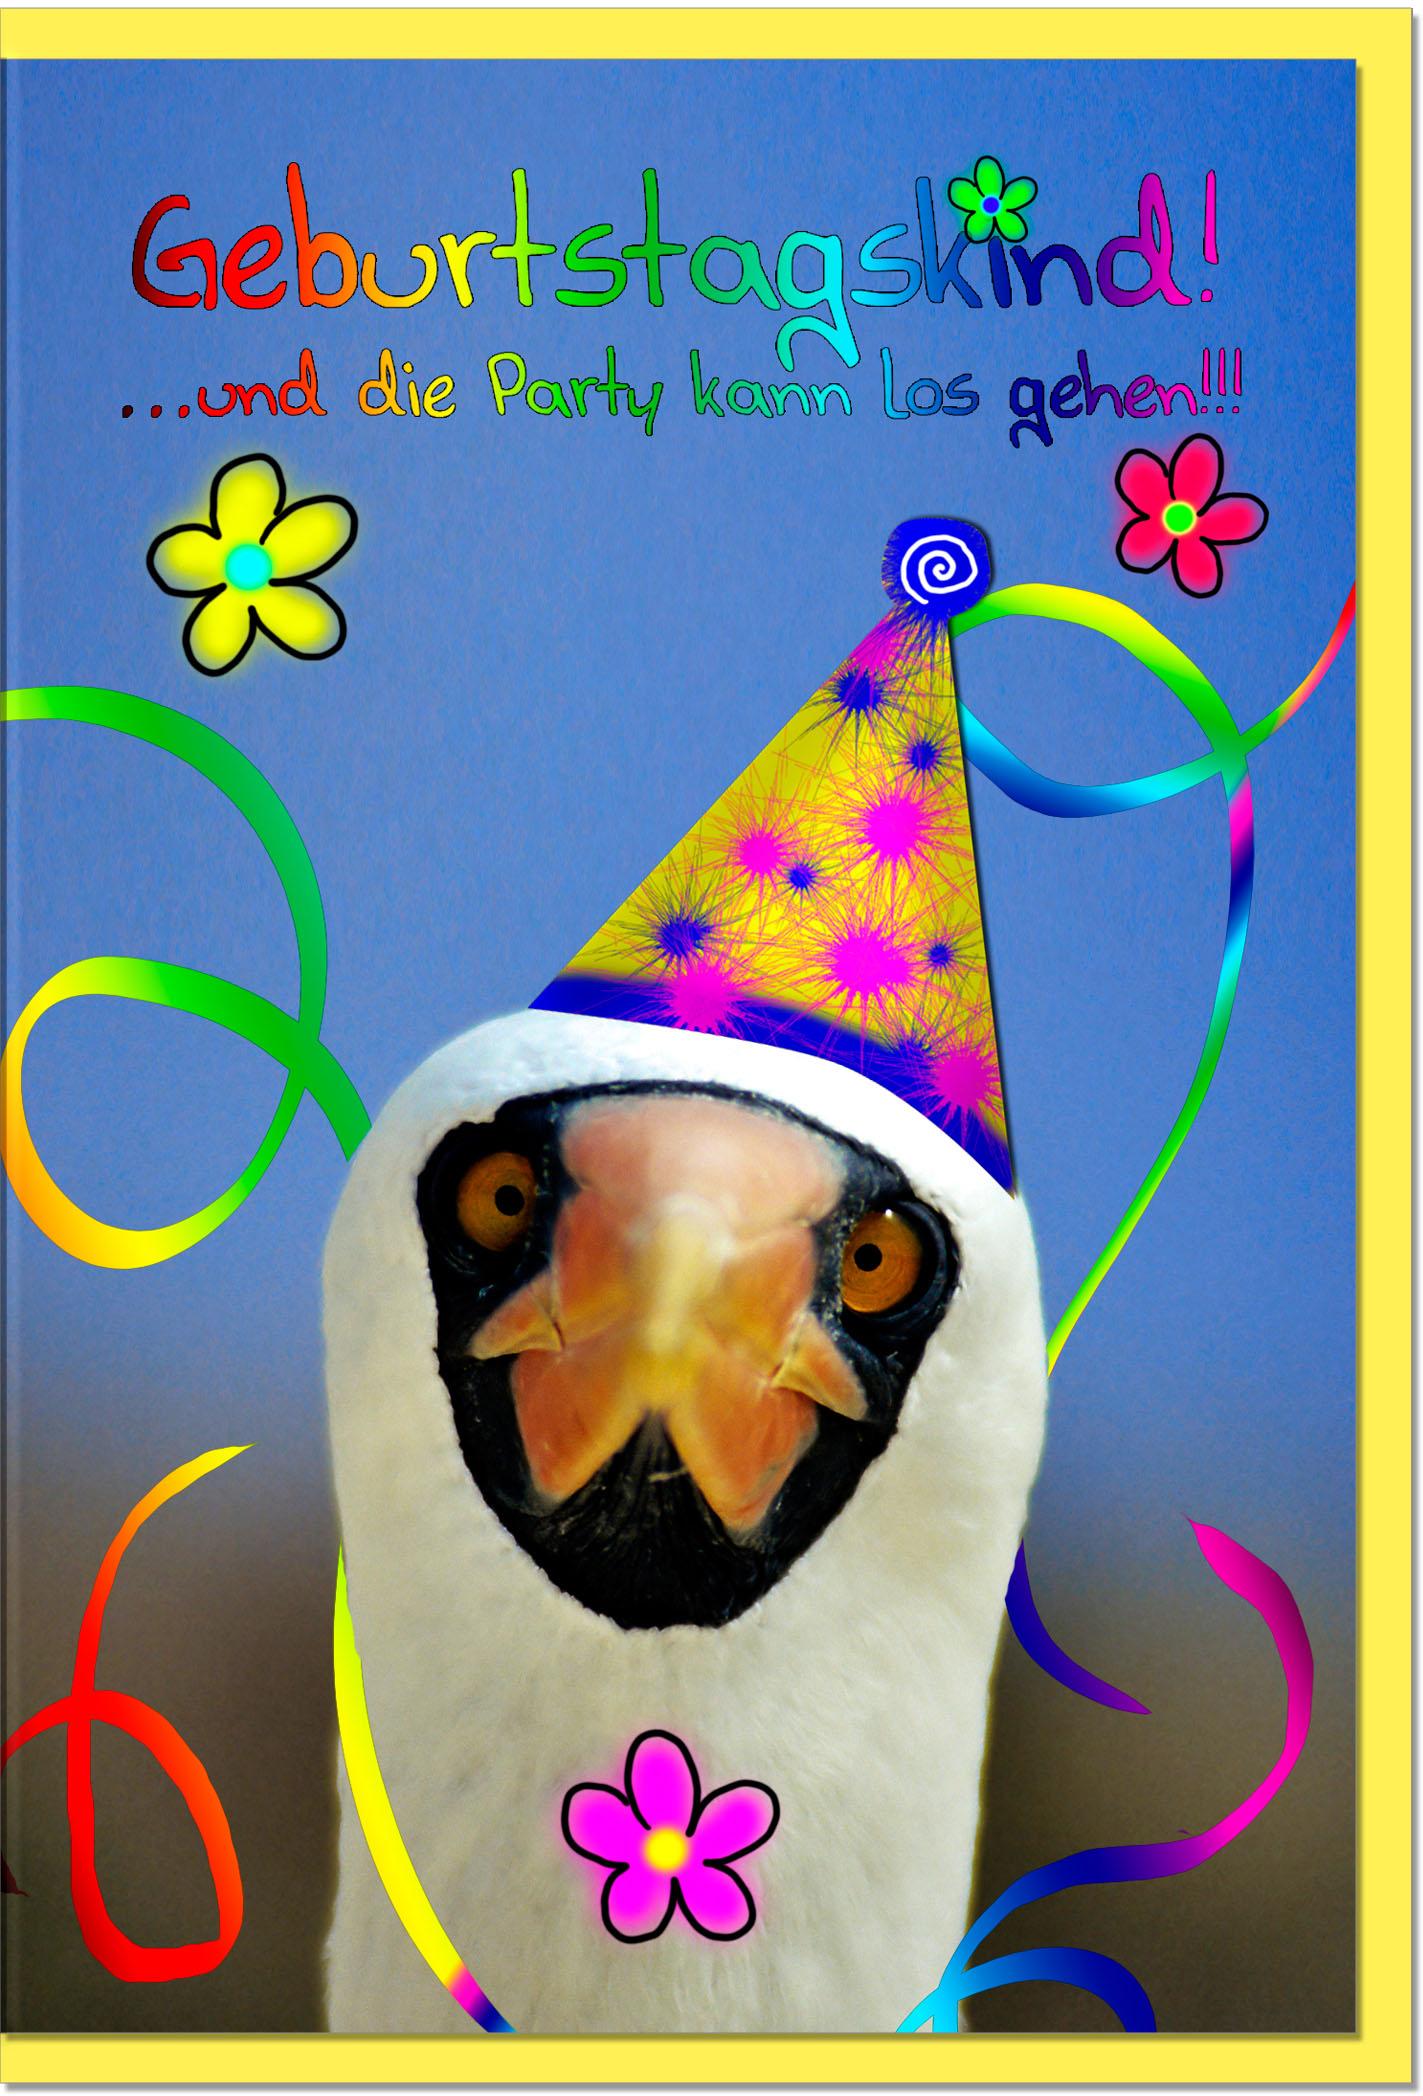 Geburtstagskarten / Grußkarten /Geburtstag Steine